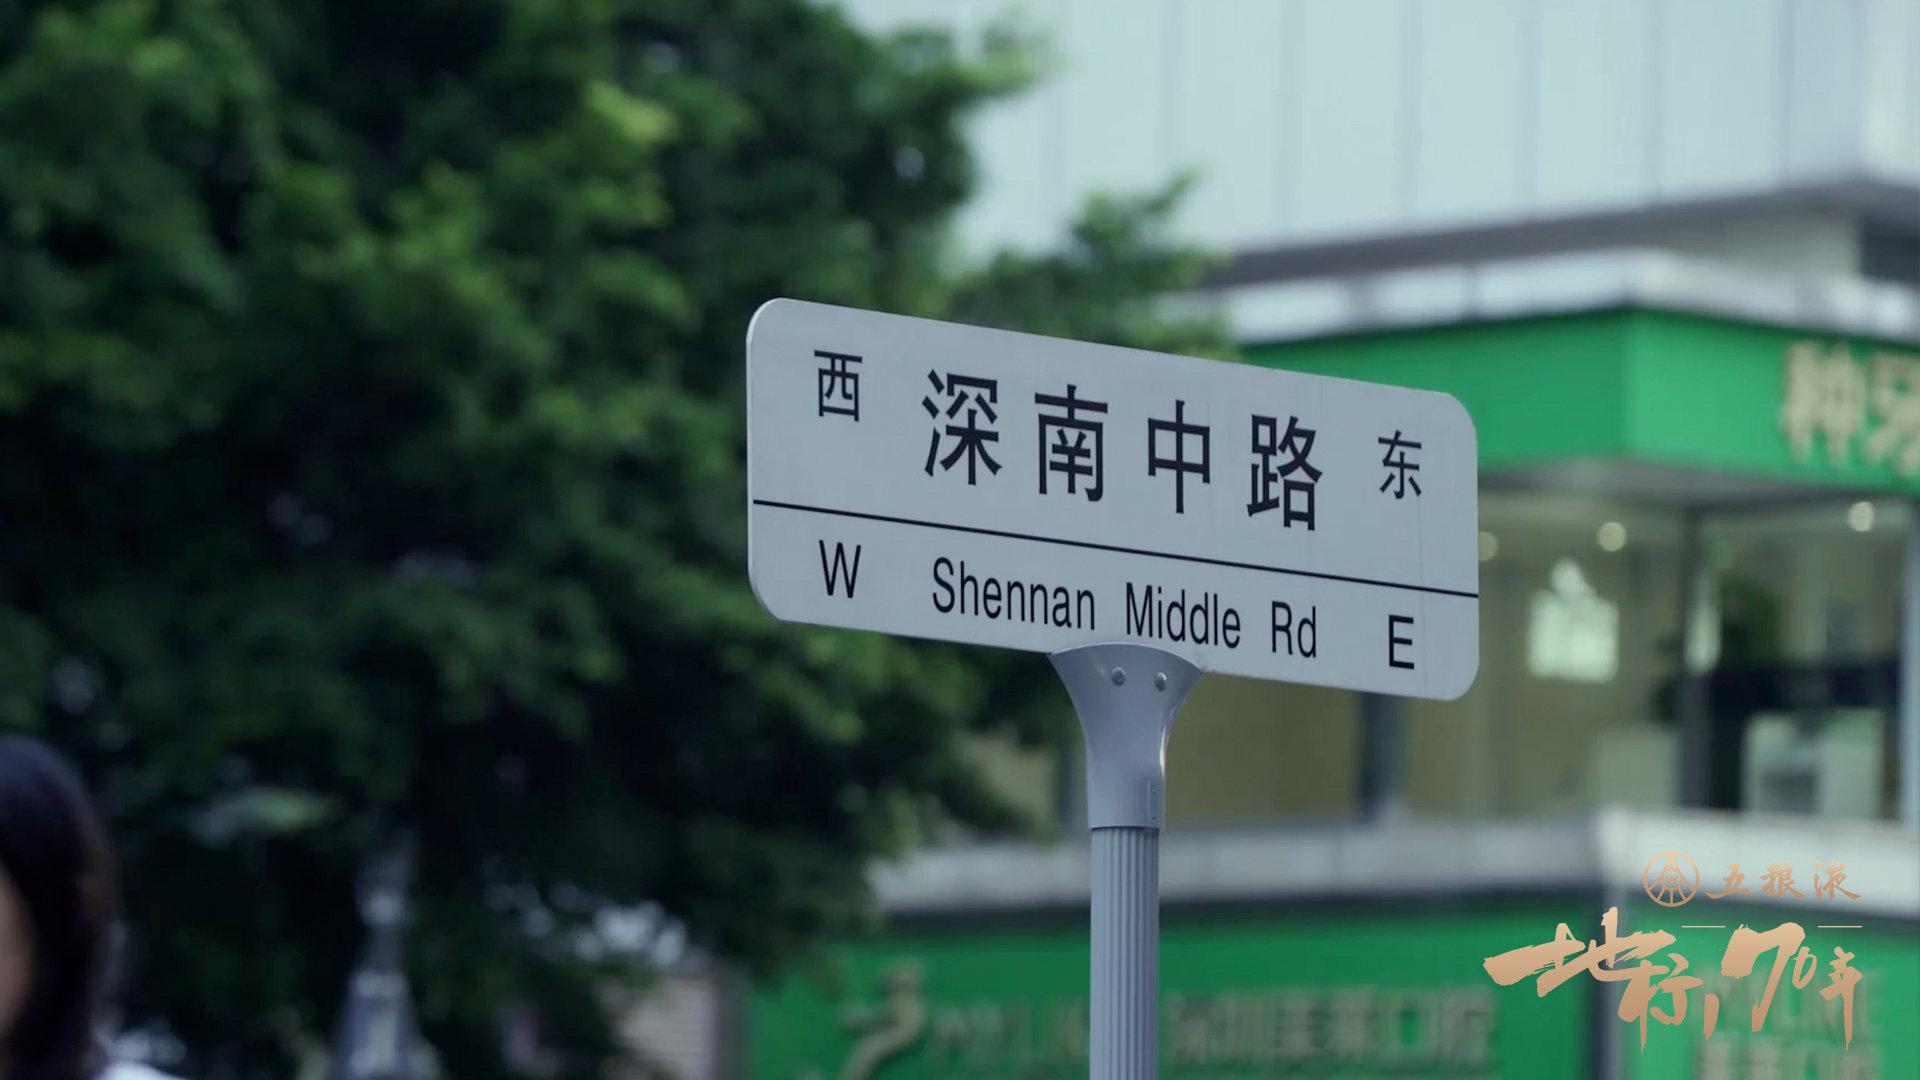 邓小平画像、上海宾馆、地王大厦、从华强北到南山